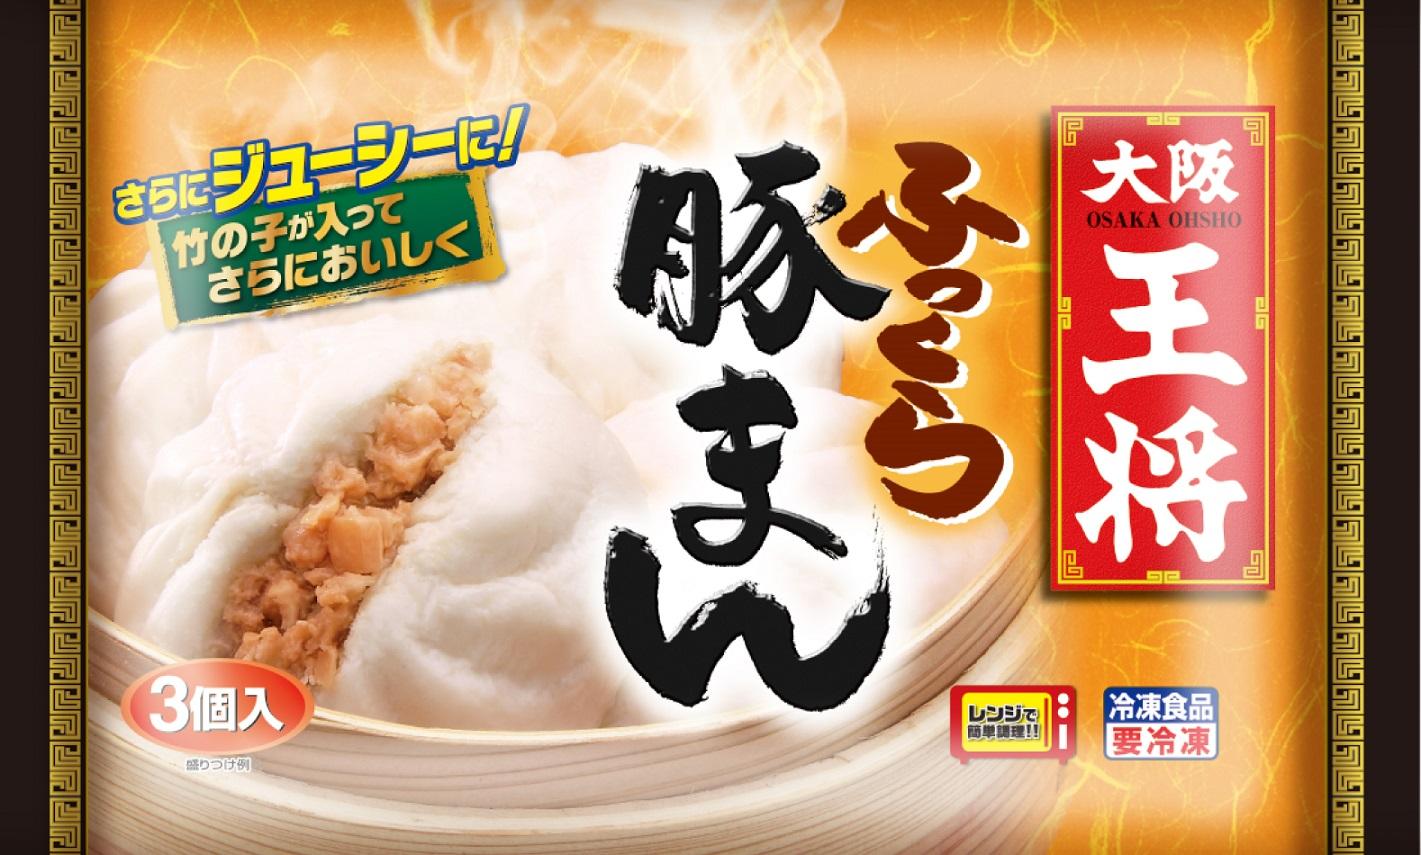 肉まんではない!大阪王将ブランド「ふっくら豚まん」新発売